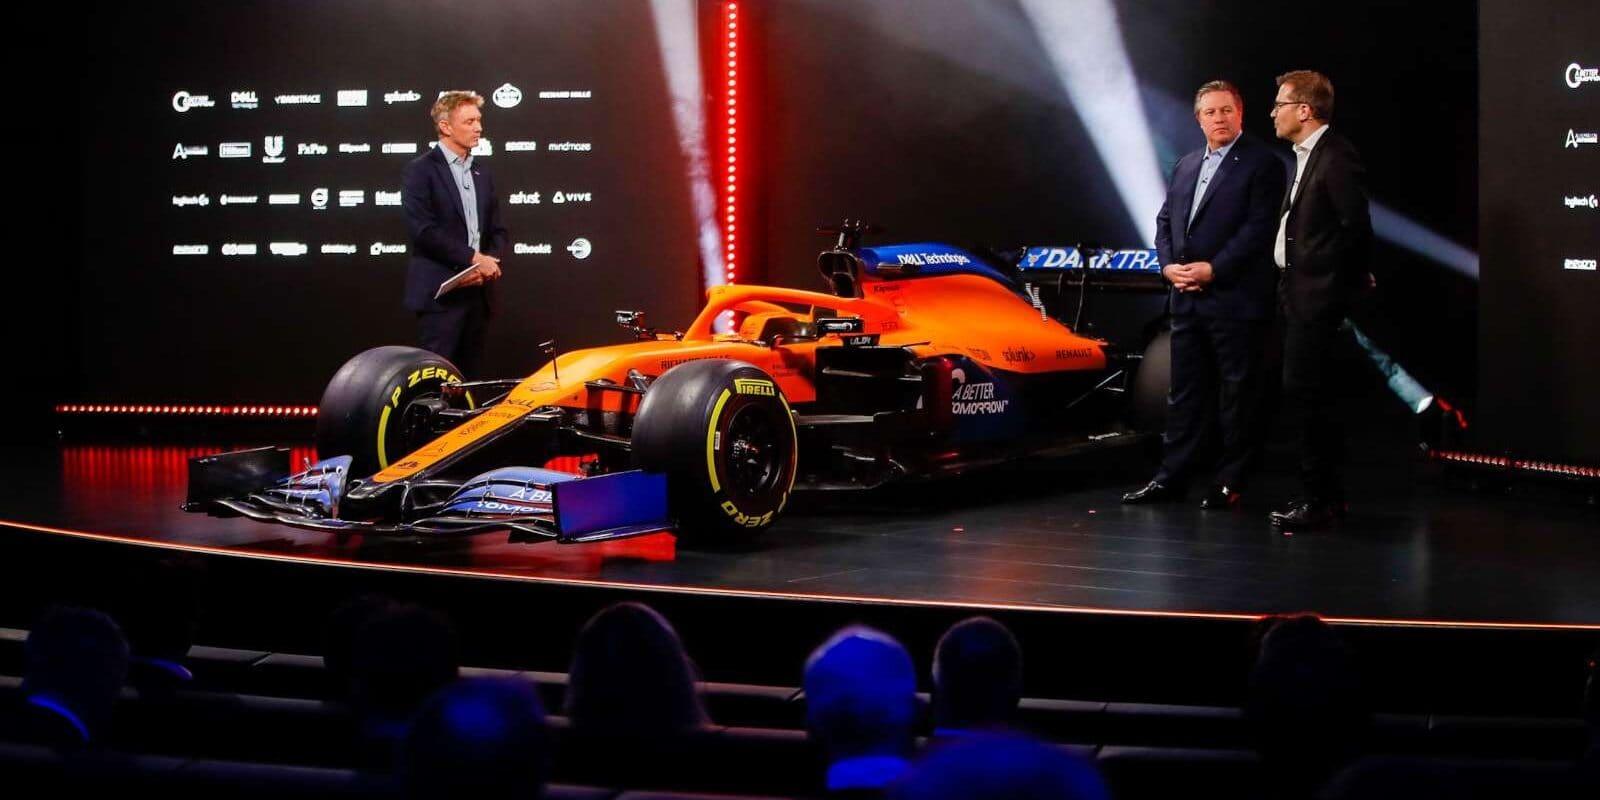 Bahrajnská národní banka může zachránit McLaren